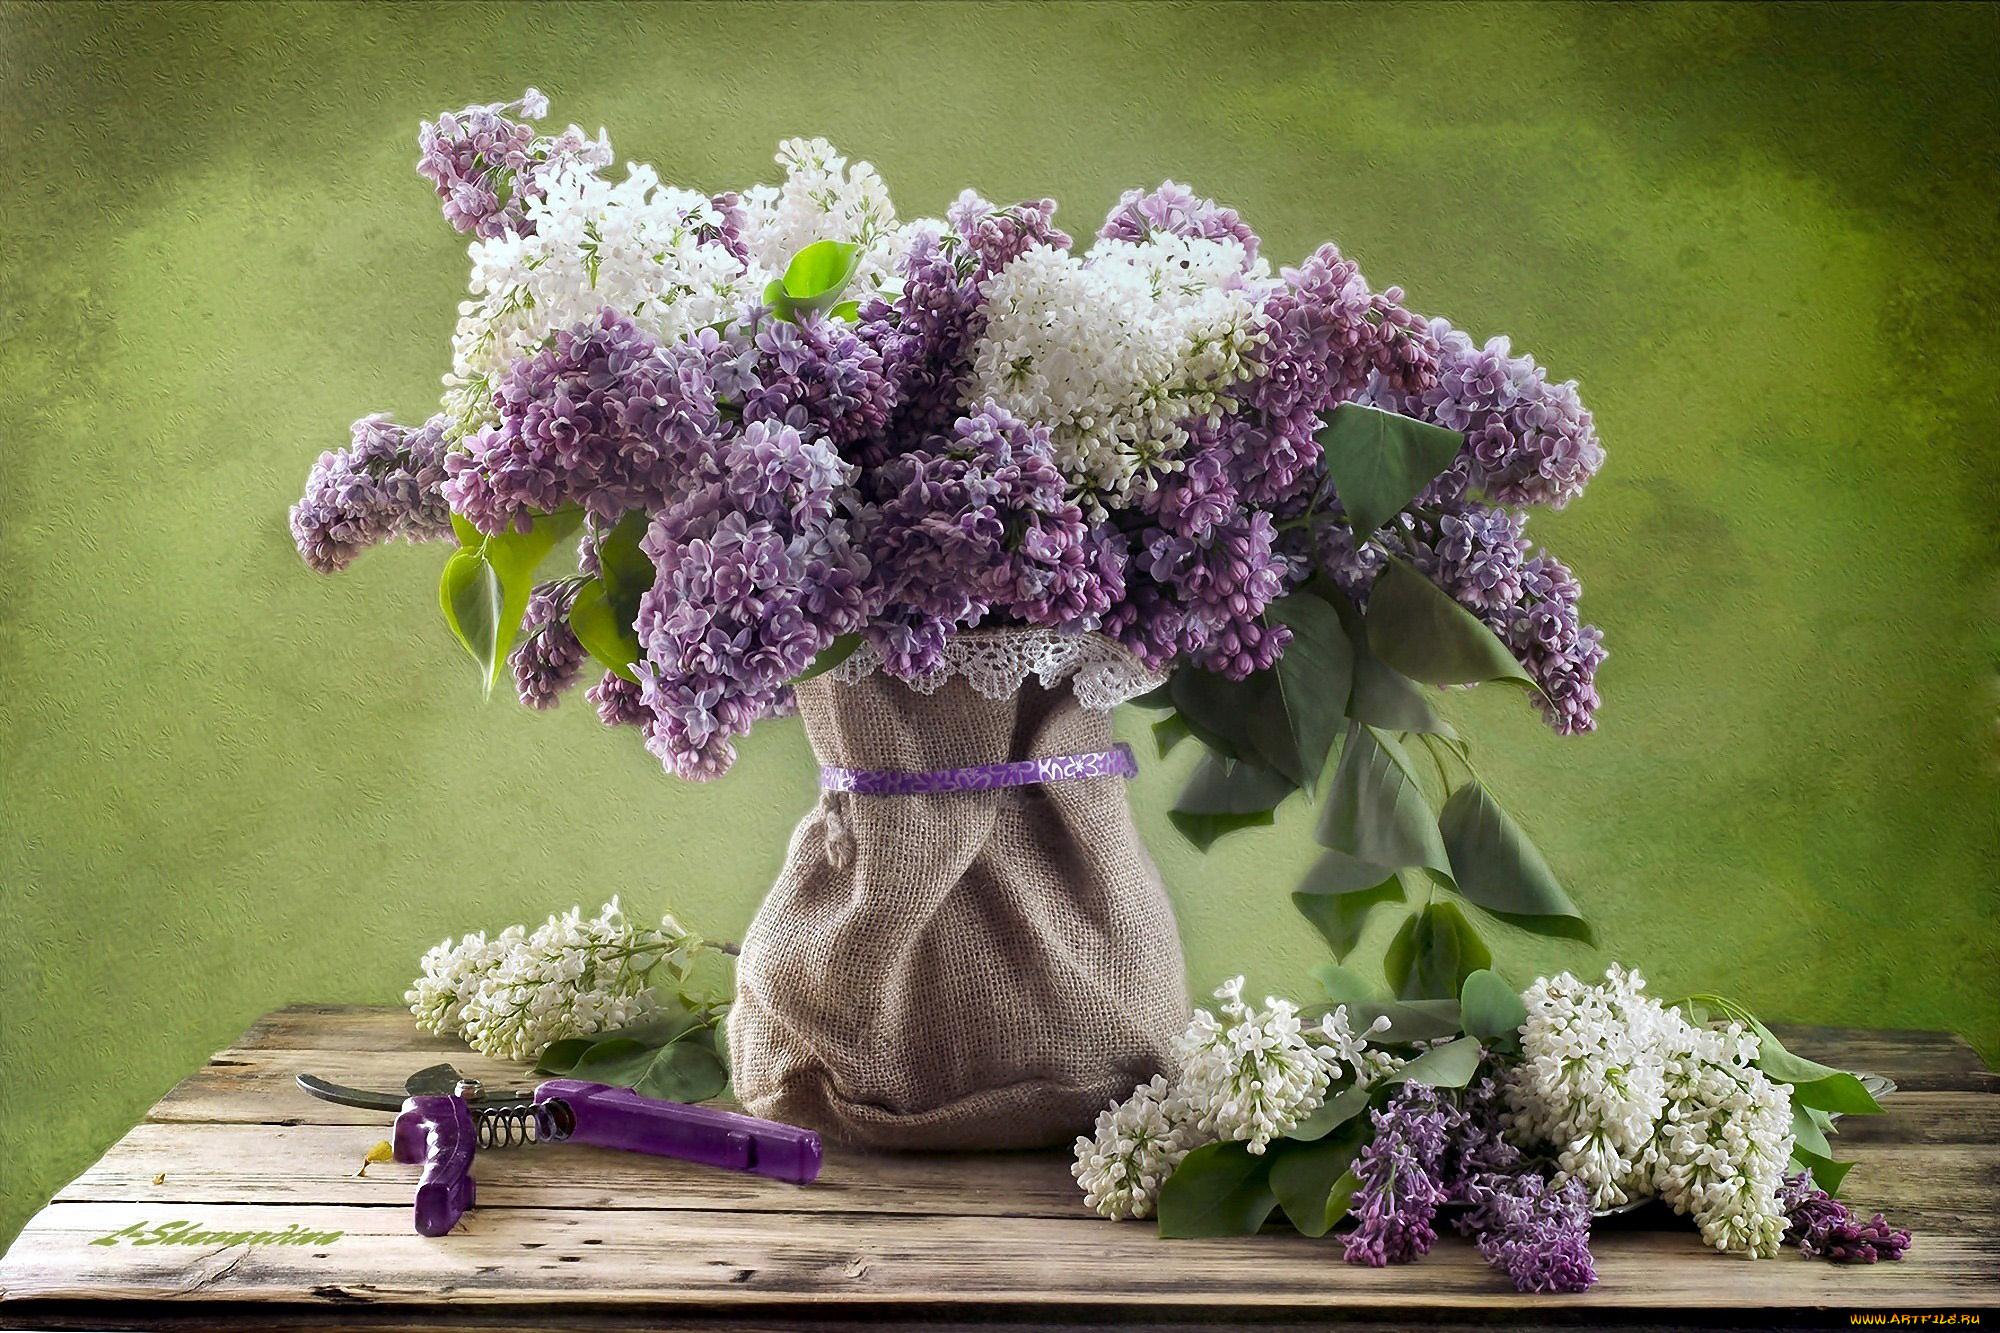 природа цветы сирень сахар блюдо  № 1154347 без смс